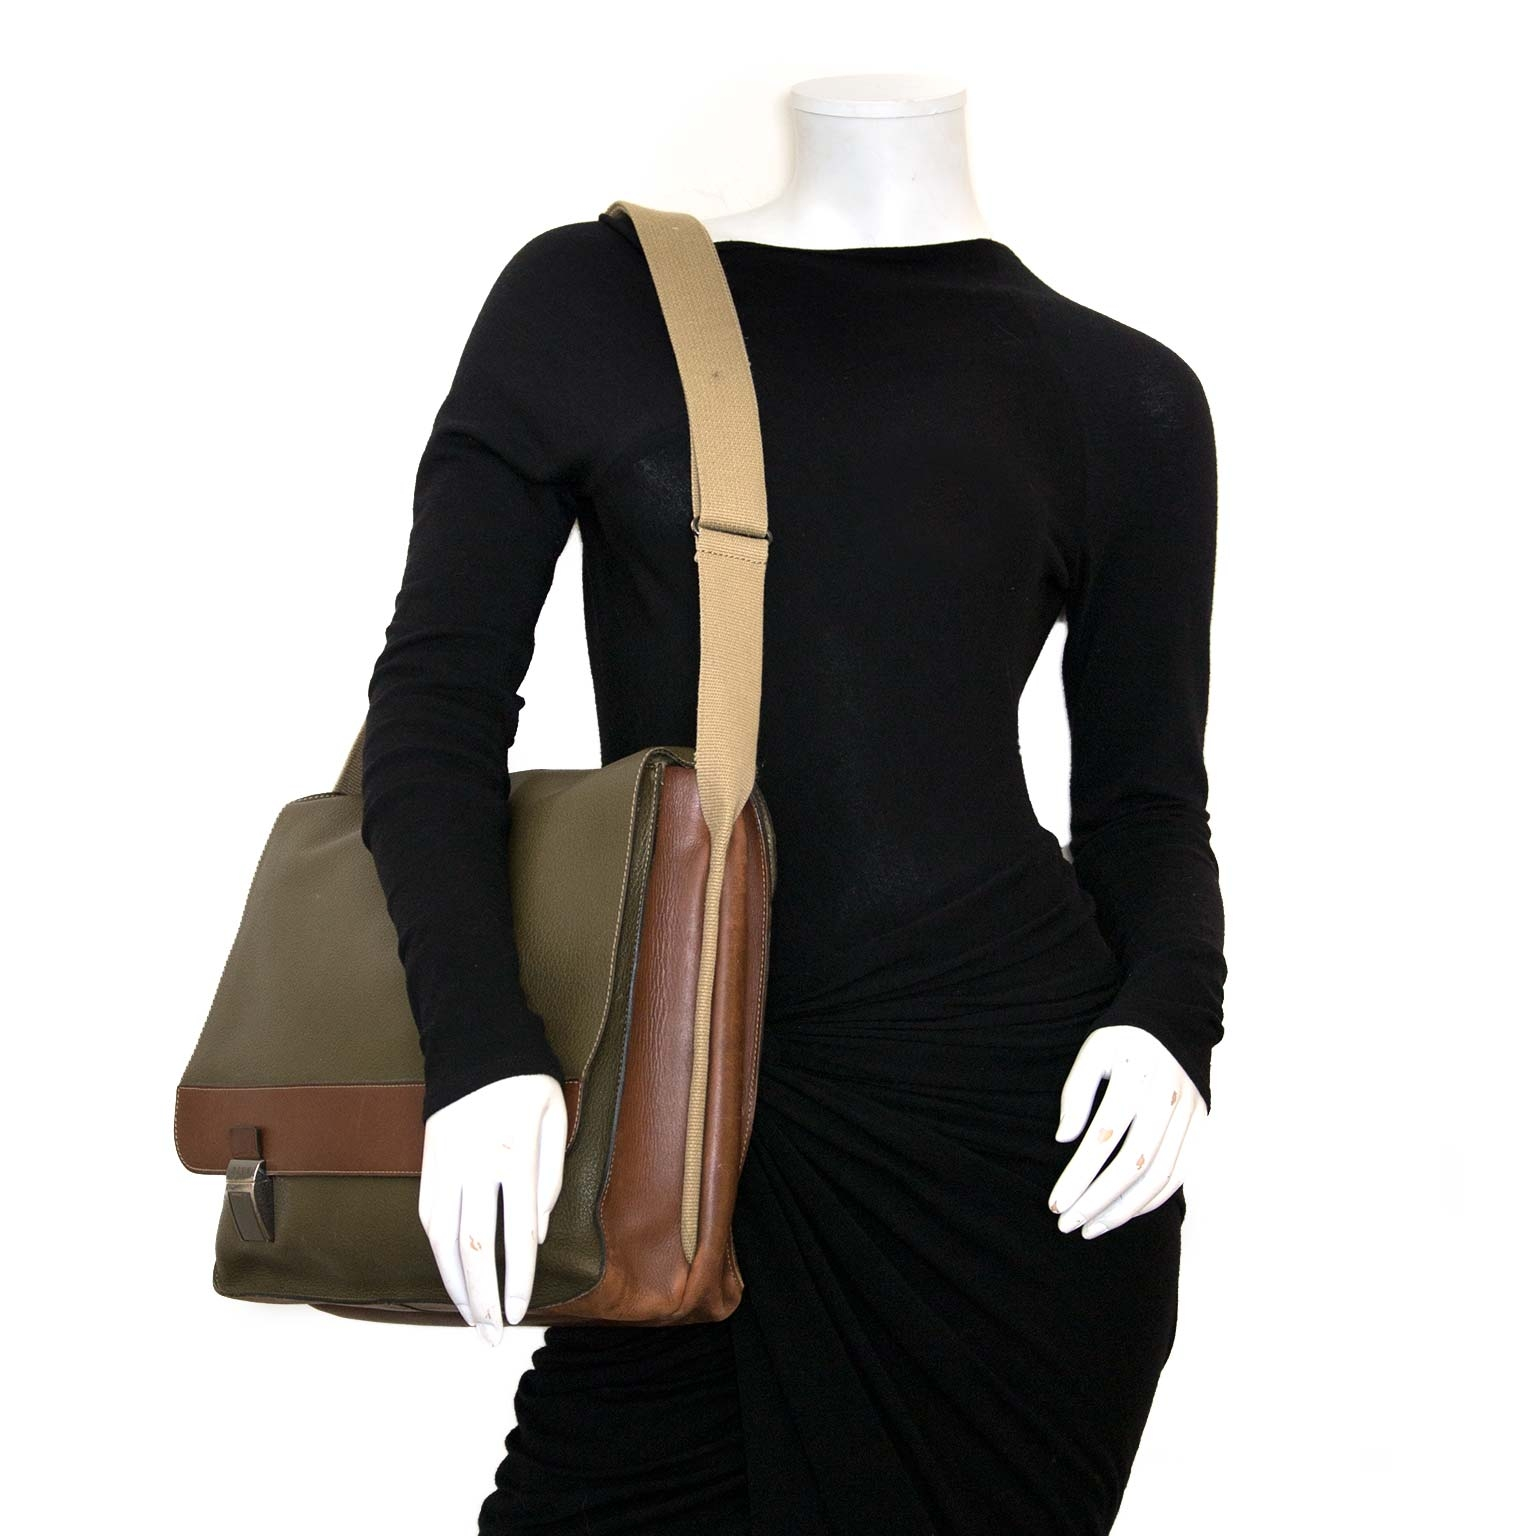 Buy authentic deux de delvaux messenger bags now online at labellov vintage fashion webshop